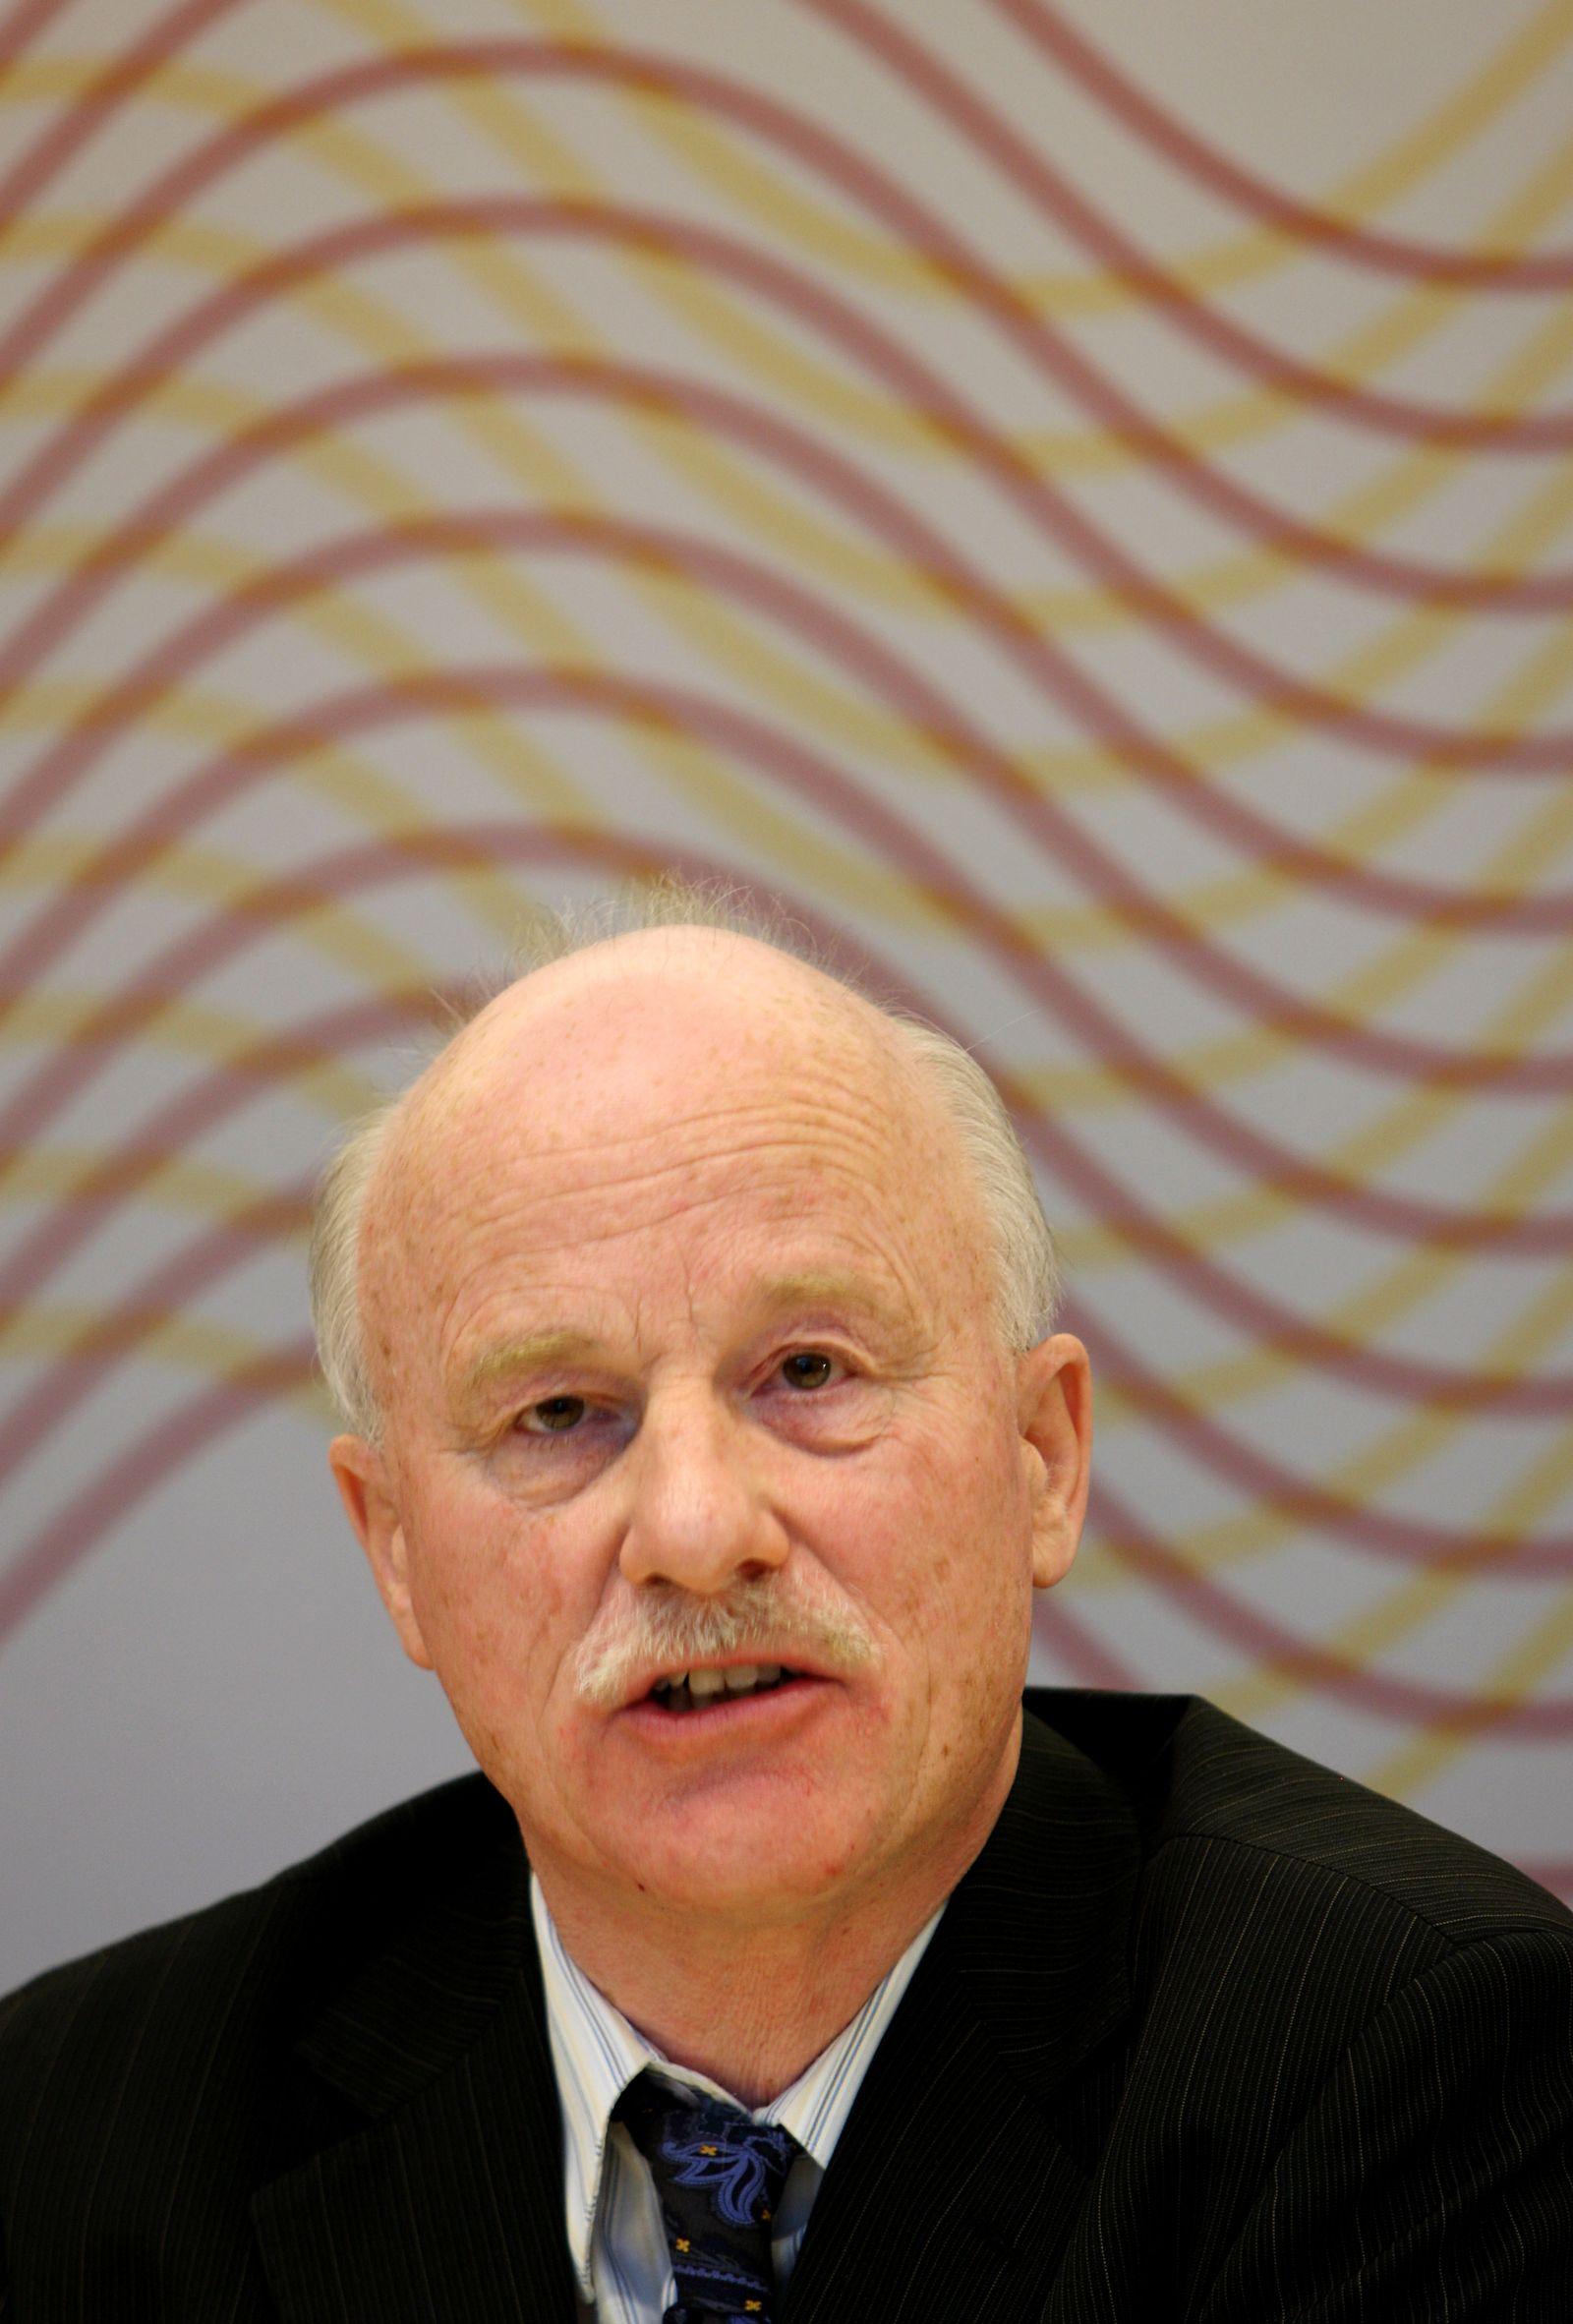 Jochen Sanio